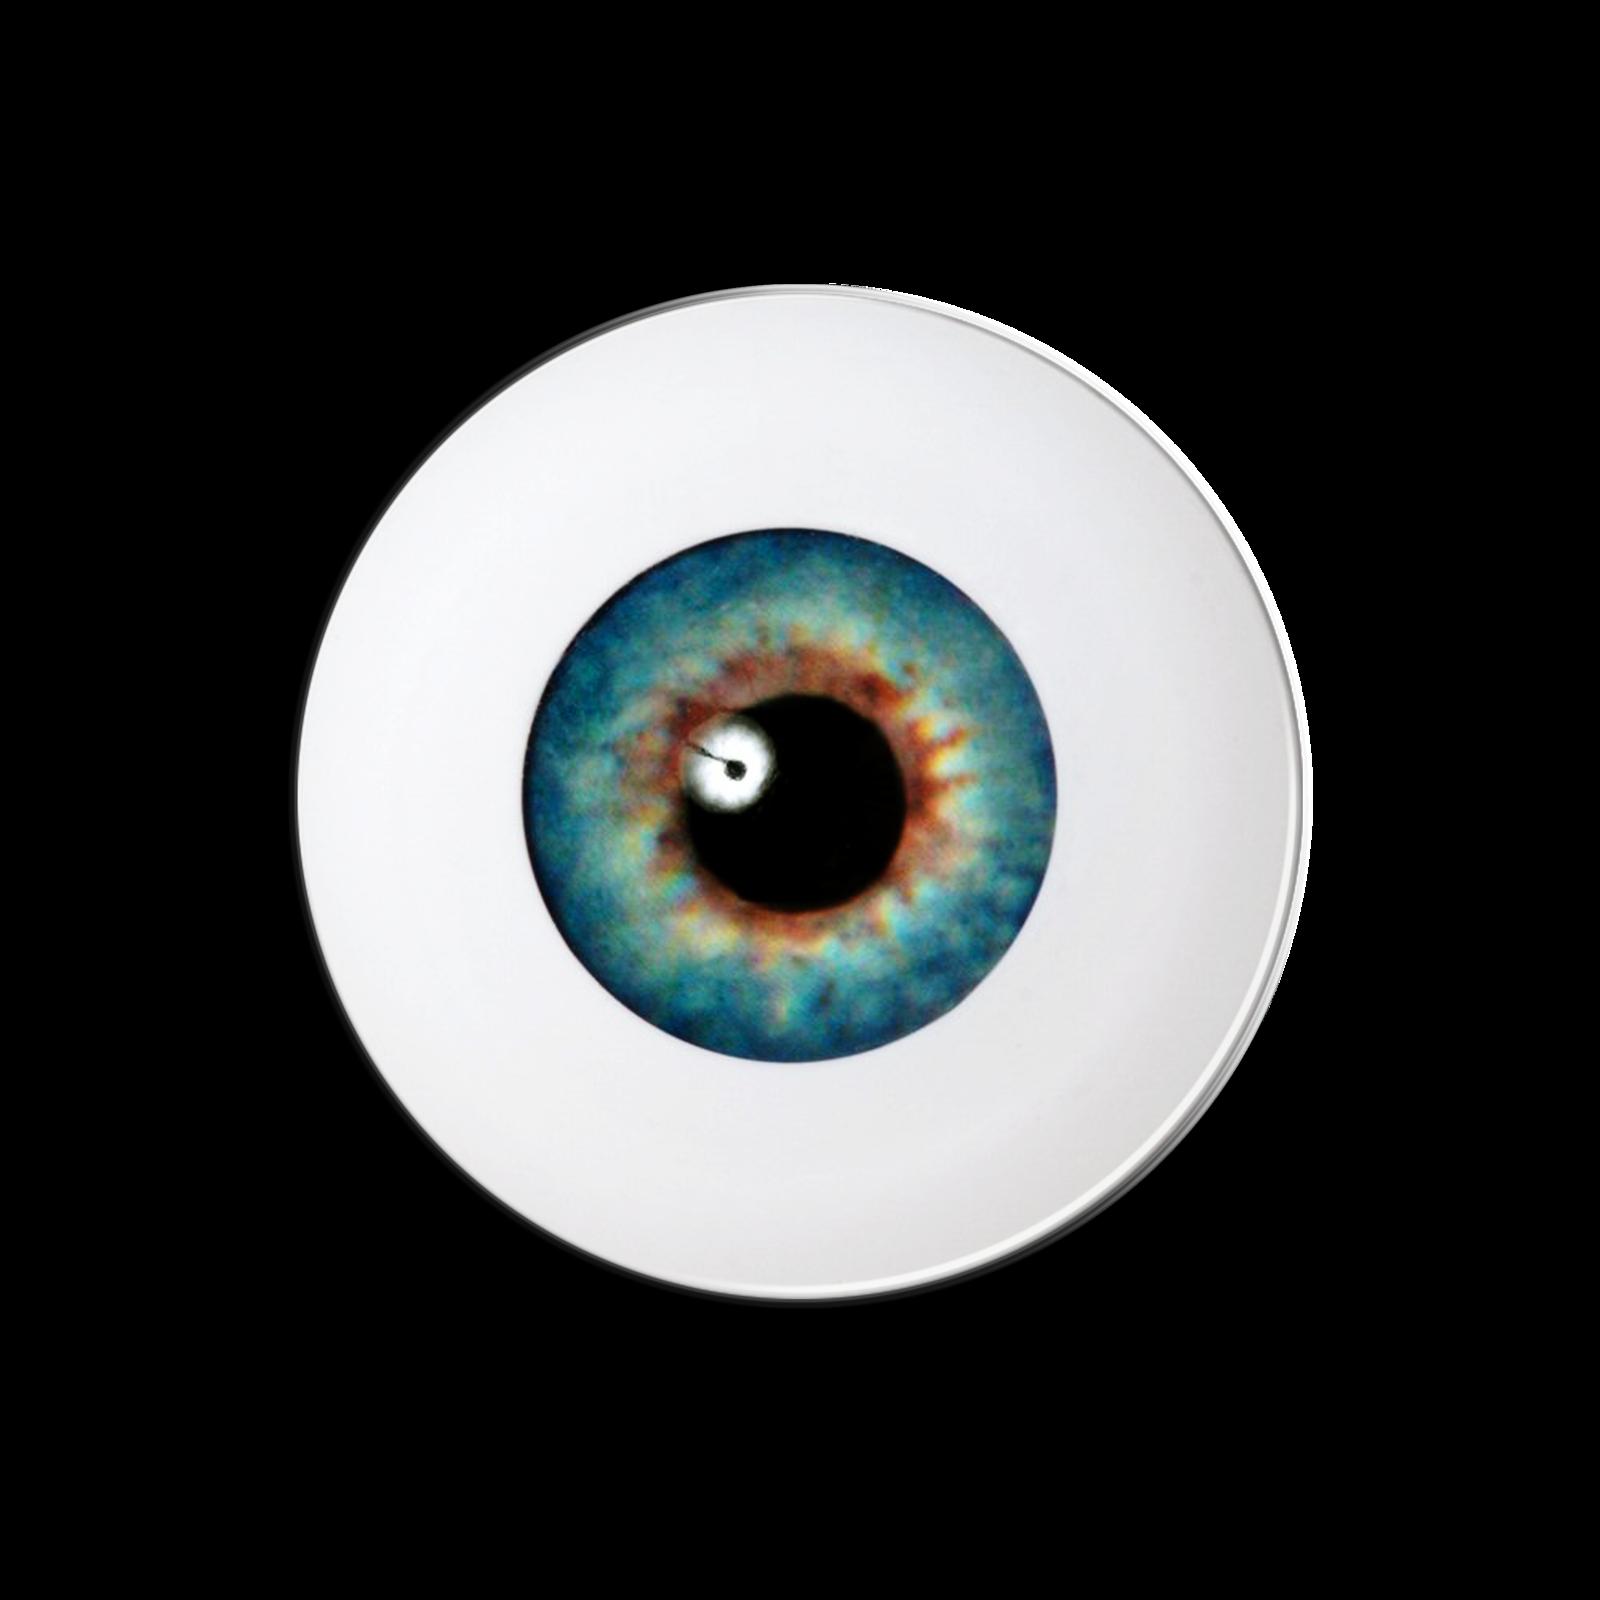 Eye Ball Png image #42310